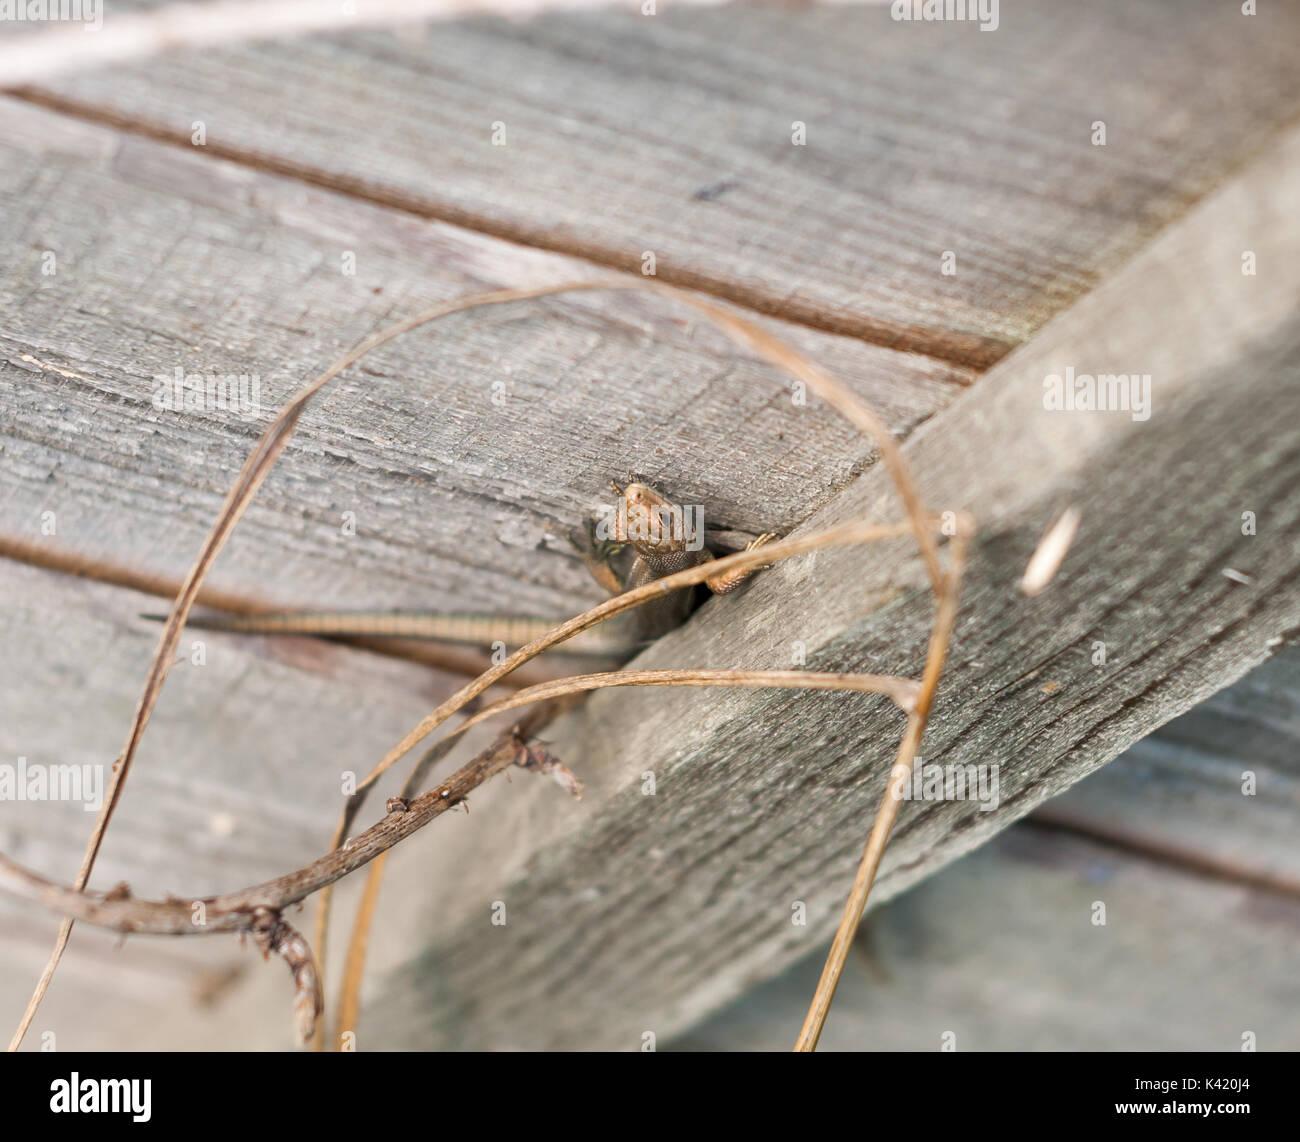 De Wilde Gemeinsame oder Vivipar Eidechse auf Zaun Wand Holz, Essex, England, Großbritannien Stockfoto